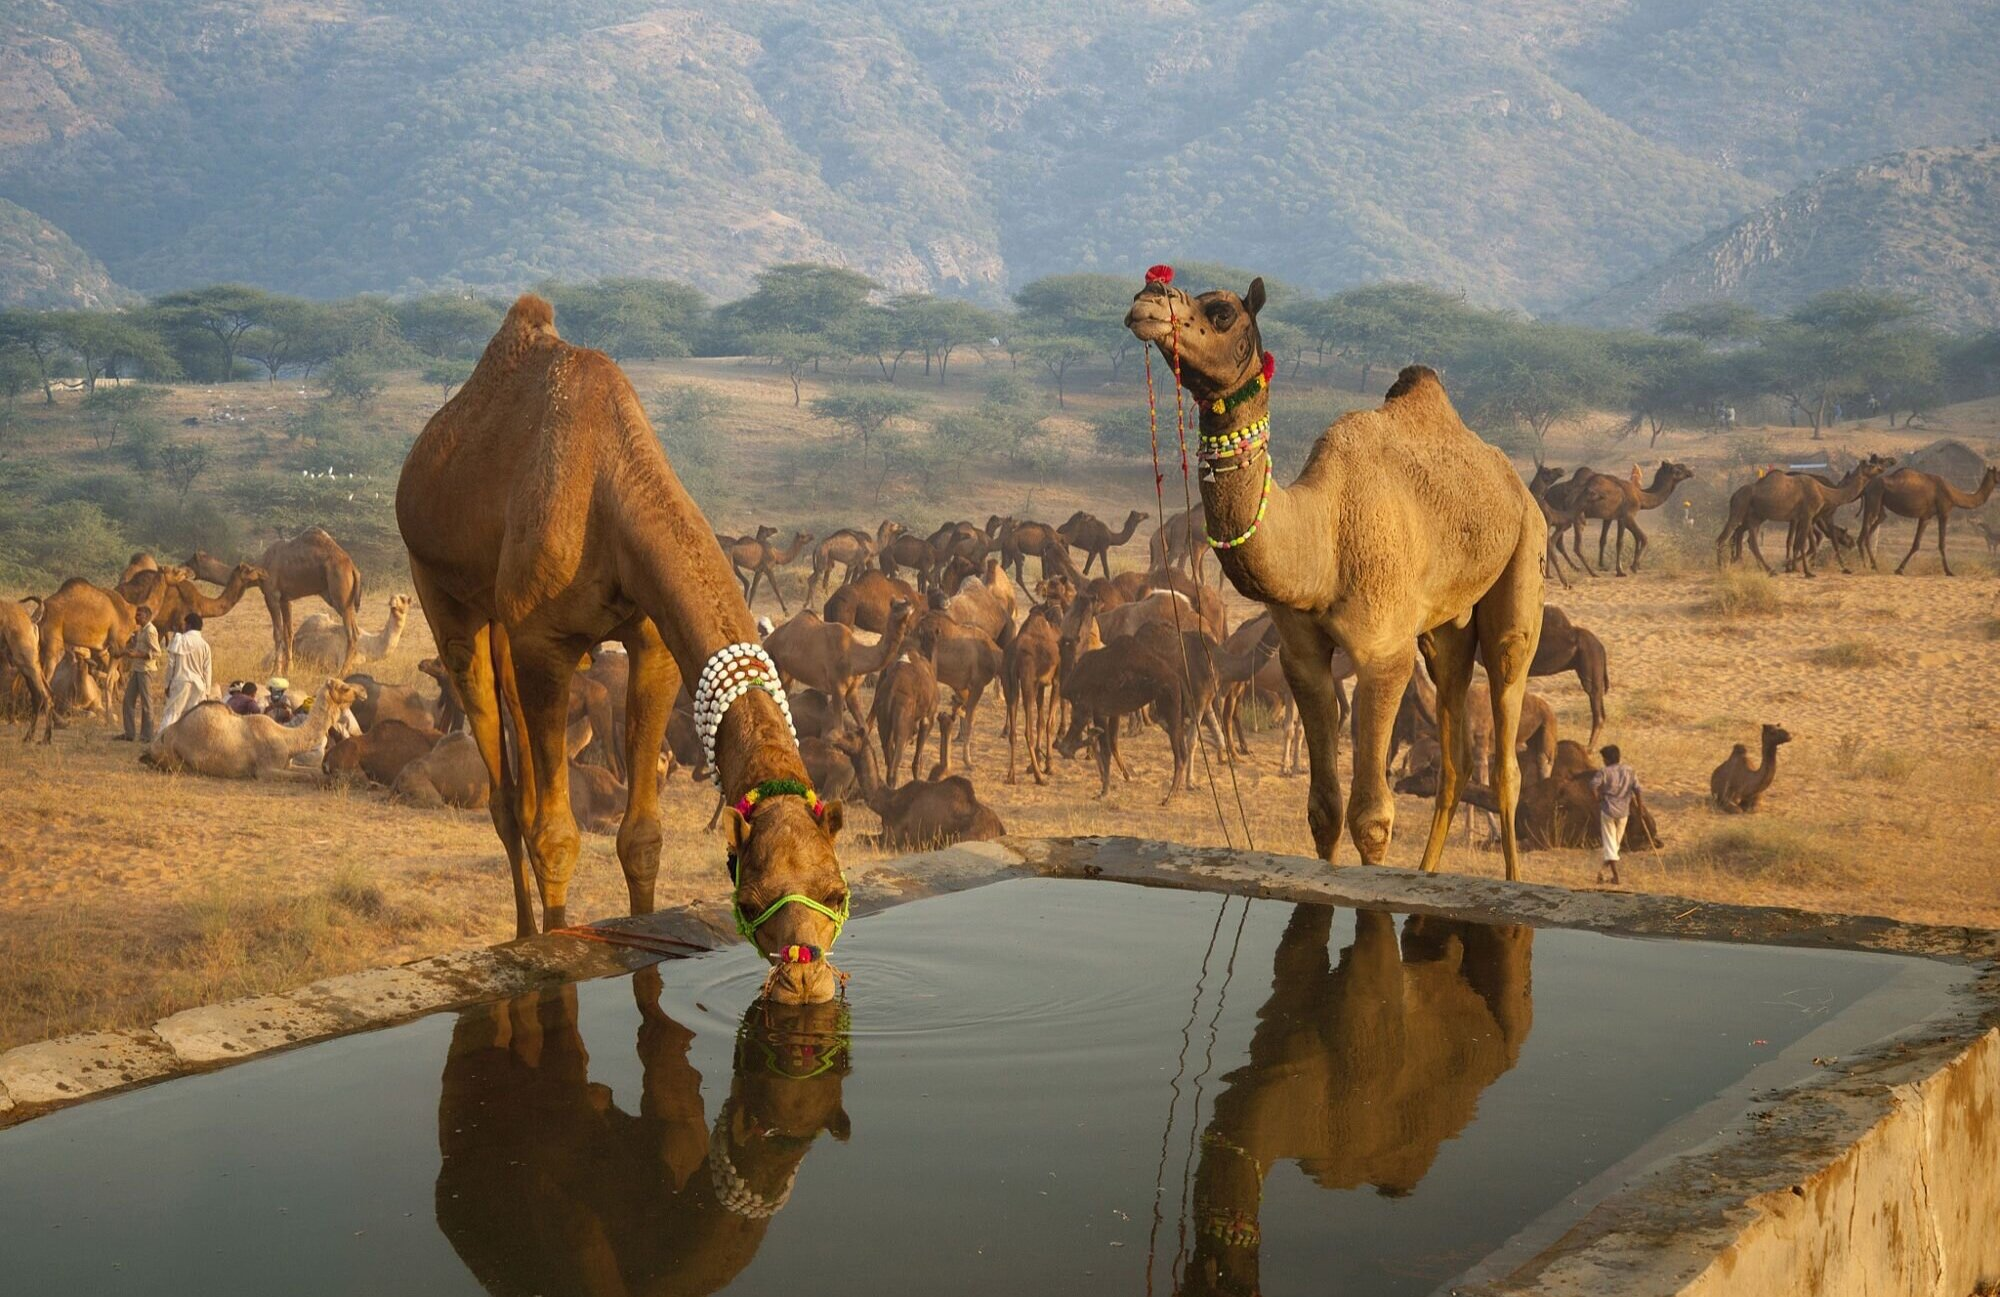 camel+drinking.jpg